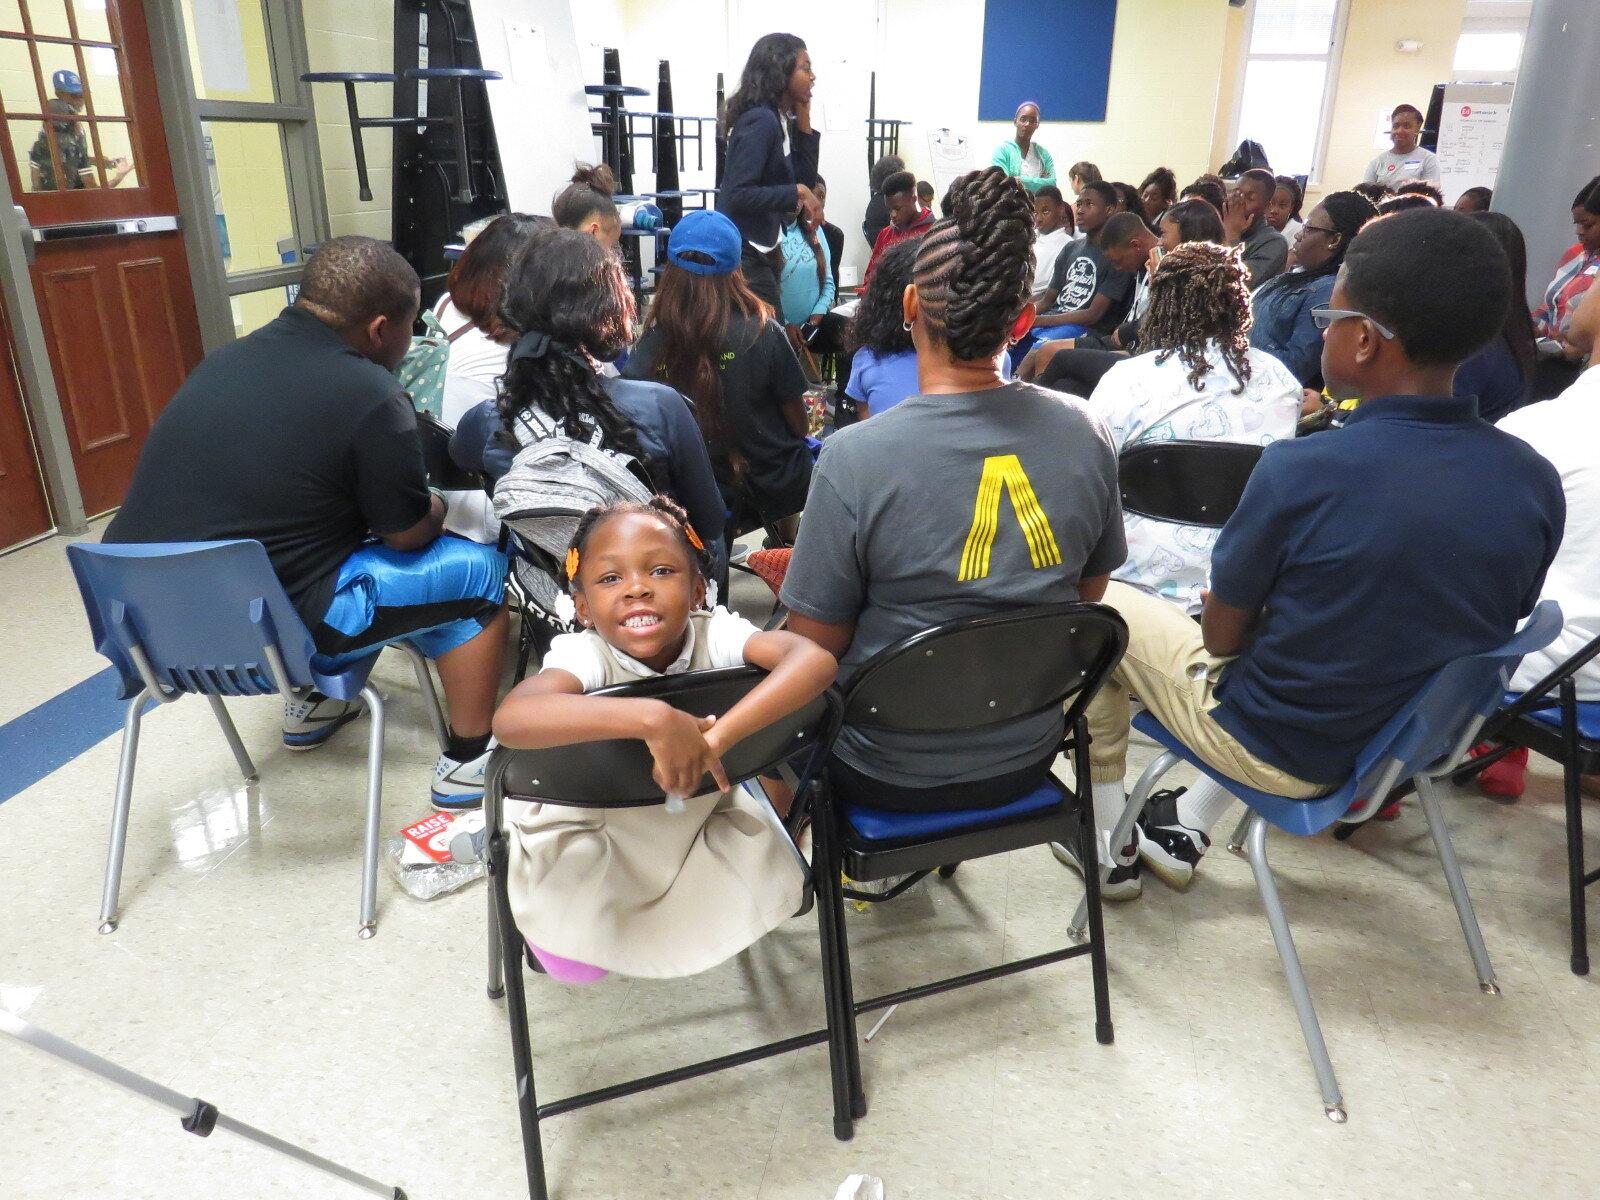 家庭咨询委员会——家庭咨询委员会是由伯明翰城市学校的家长/监护人组成的一个组织,他们每月召开一次会议,为教育部门可以为BCS家庭和学生提供的项目和机会提供建议和投入. 家庭咨询委员会将在伯明翰城市学校社区内通过外展和沟通作为教育的倡导者和支持者.要查看完整的角色描述,请访问http://bit.ly/facjobdescription